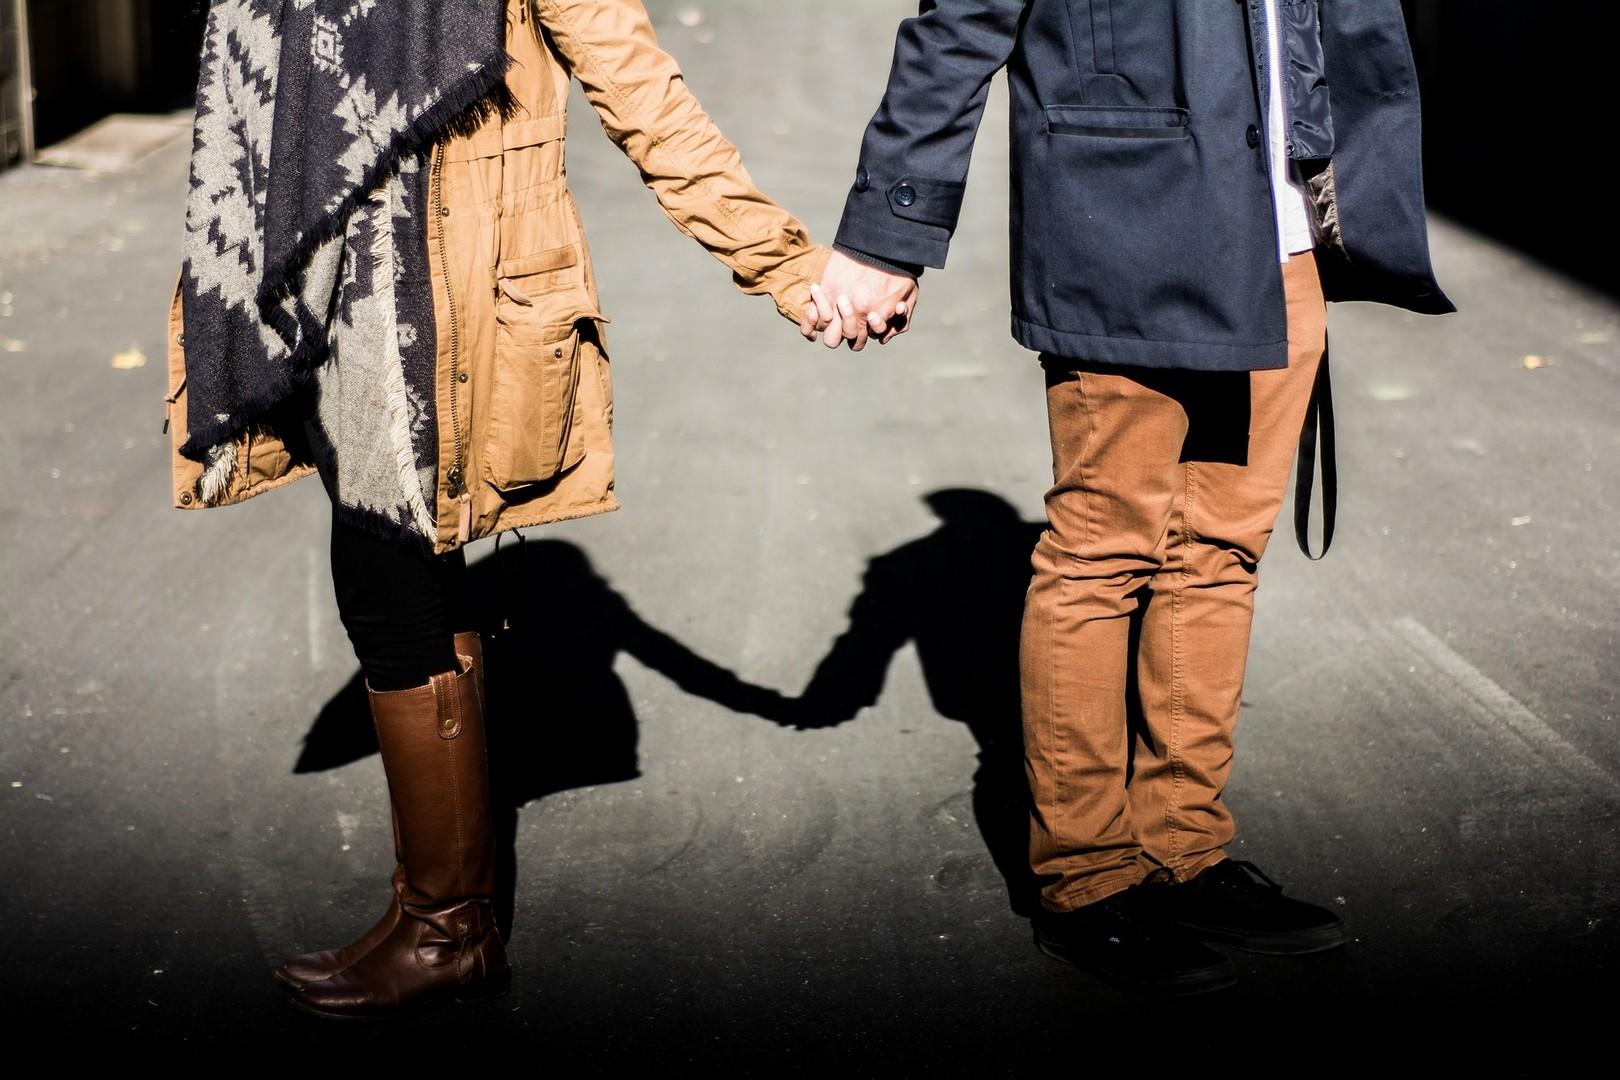 Как улучшить отношения с мужем: от причин до дельных советов